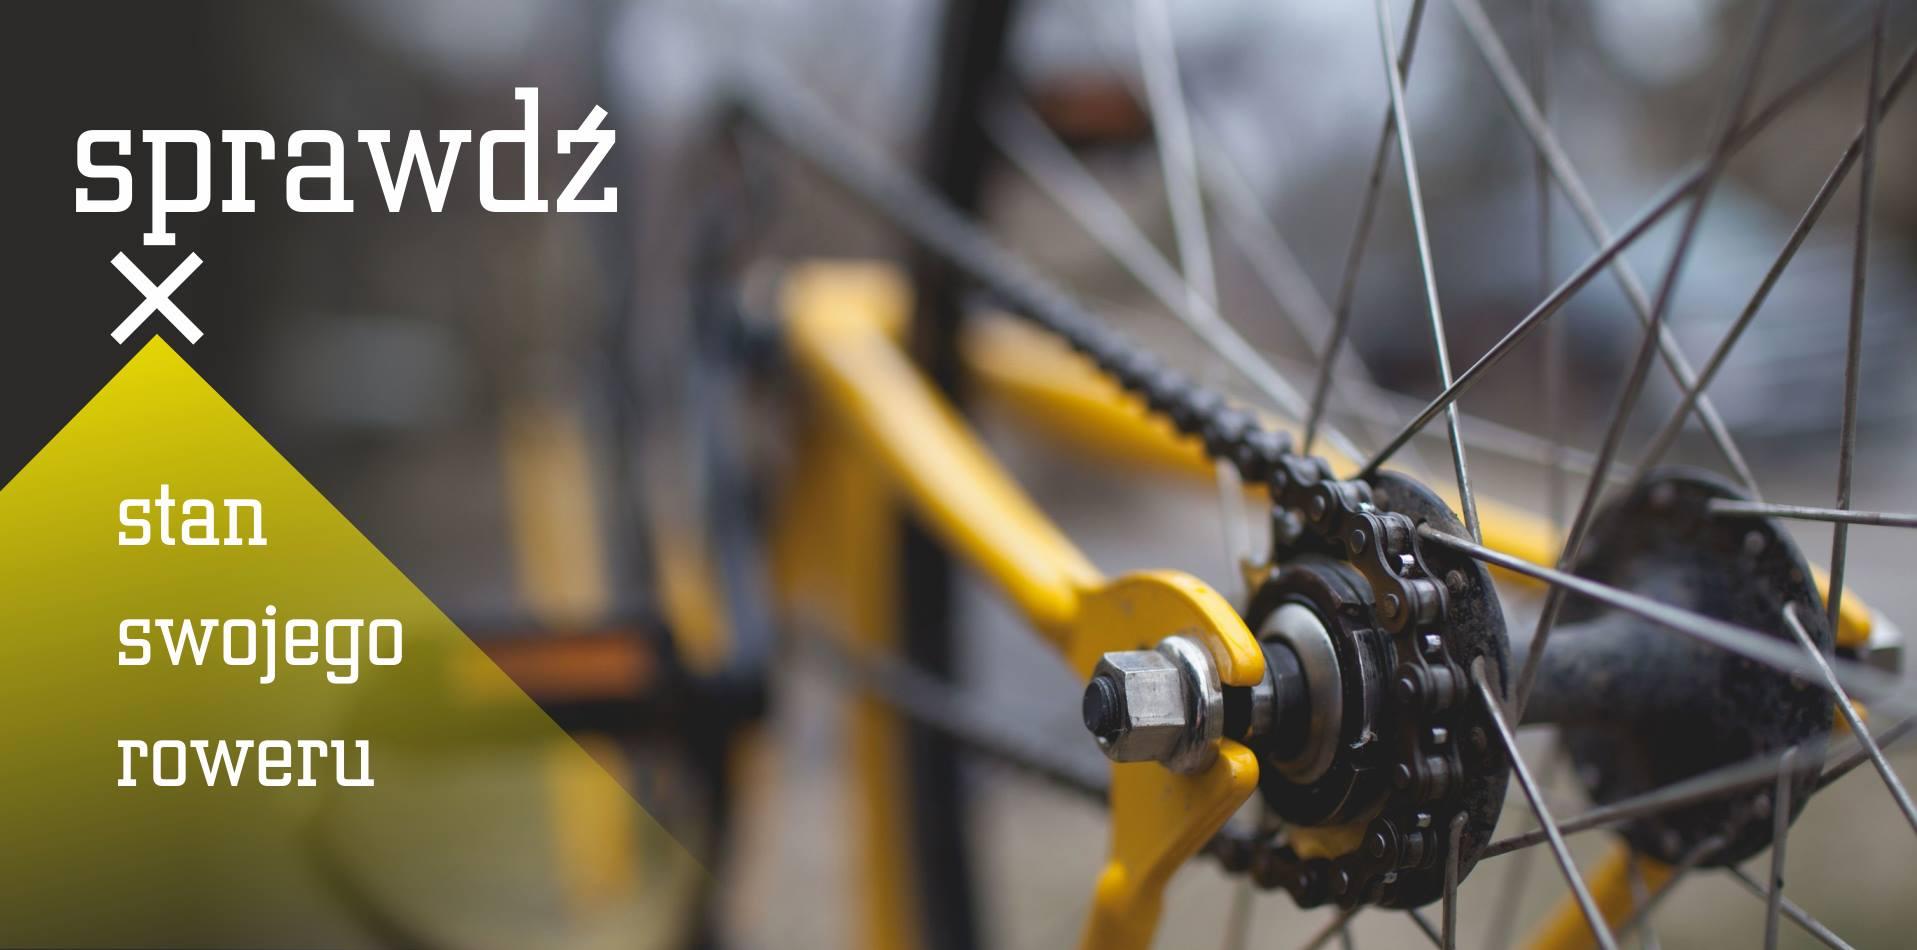 sprawdź stan swojego roweru